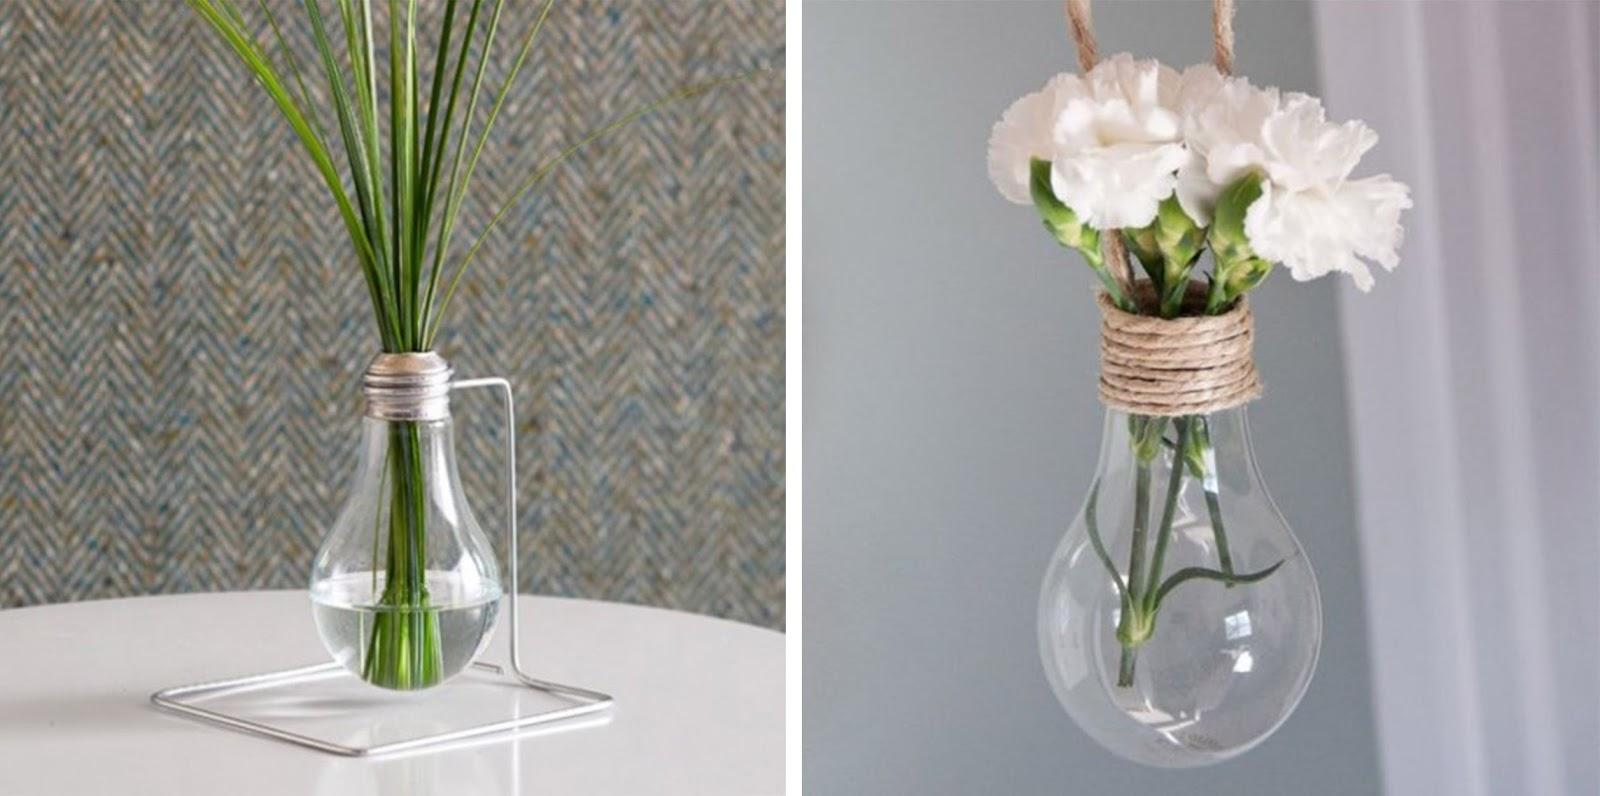 Vasi creativi per fiori e piante idee fai da te e - Vasi di arredamento da interni ...